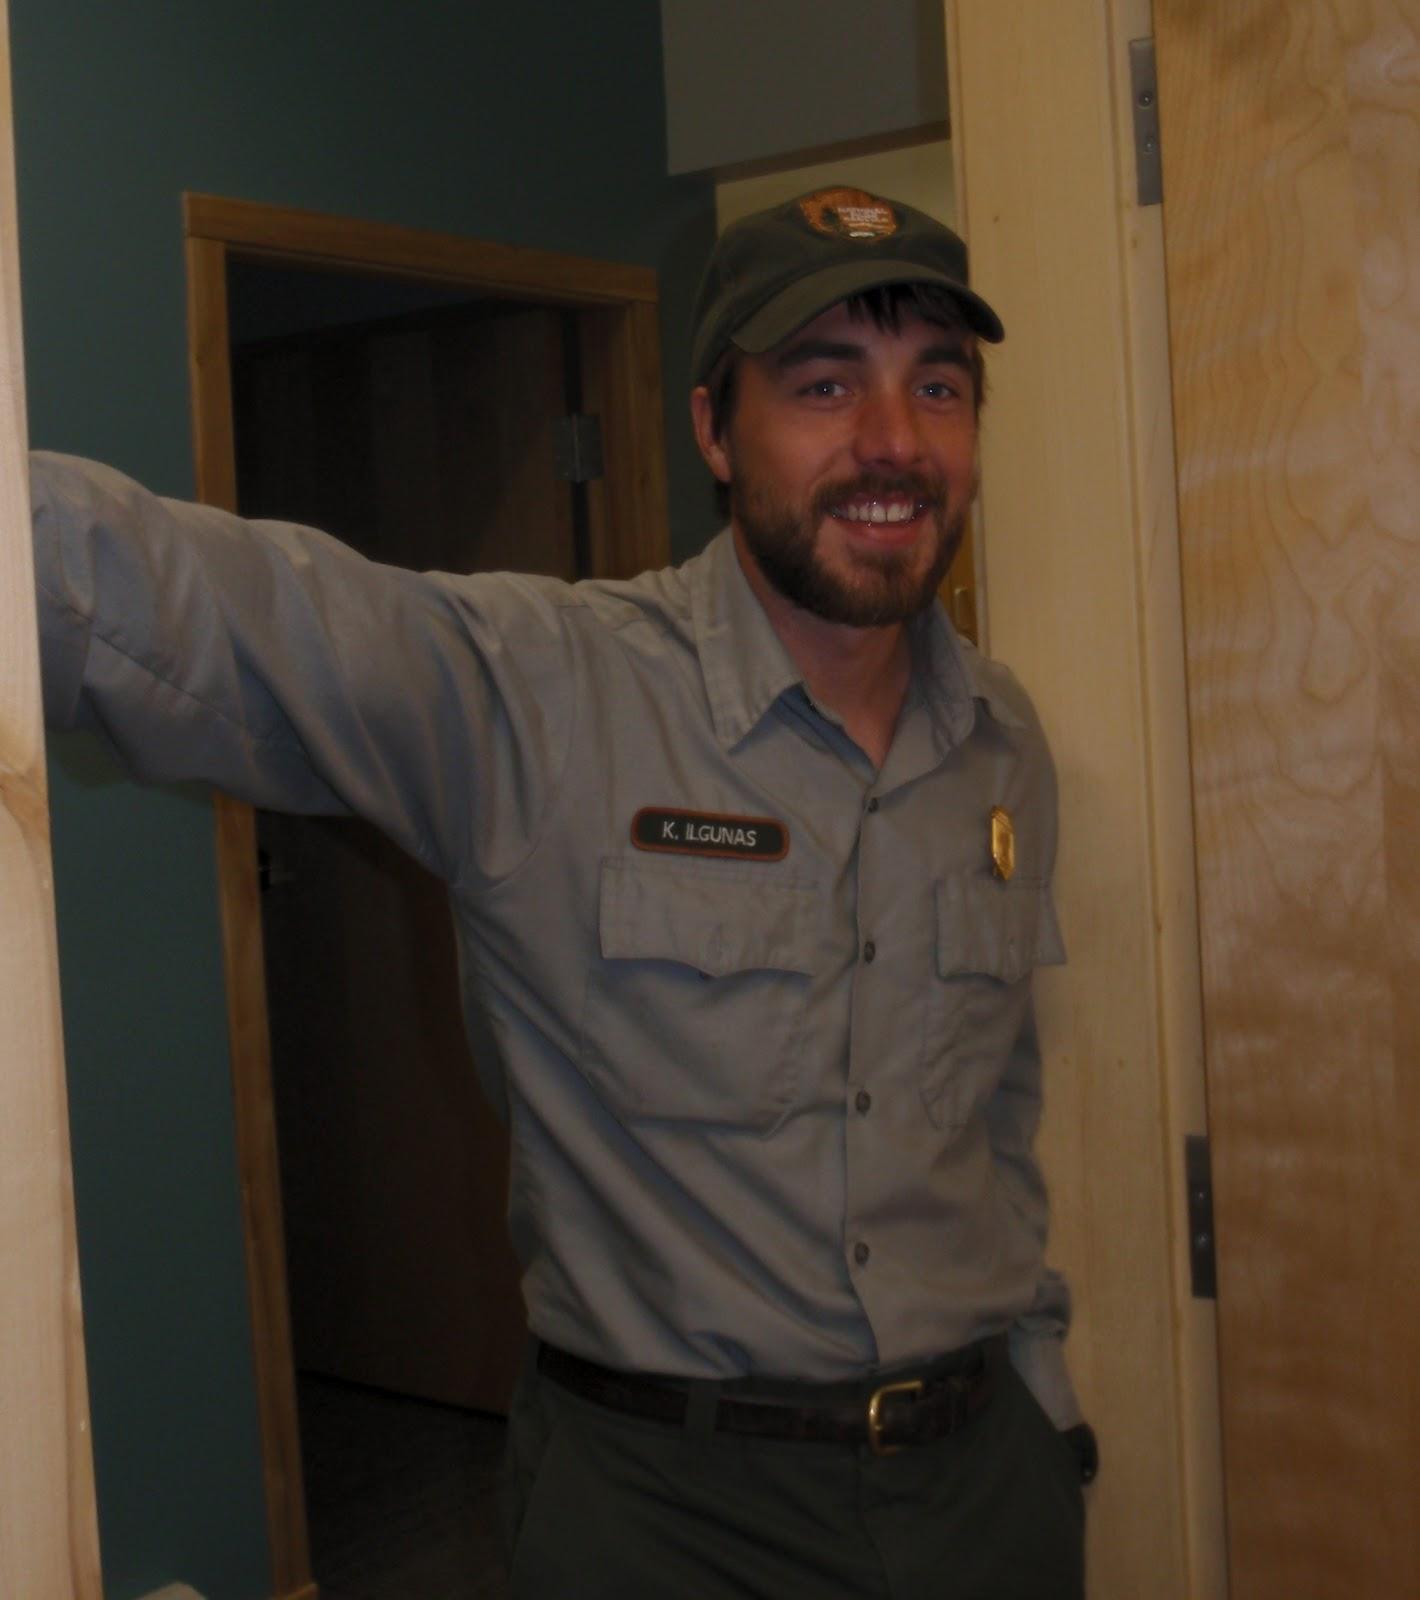 government costume park ranger. park ranger uniform. tmnt1 tmnt2